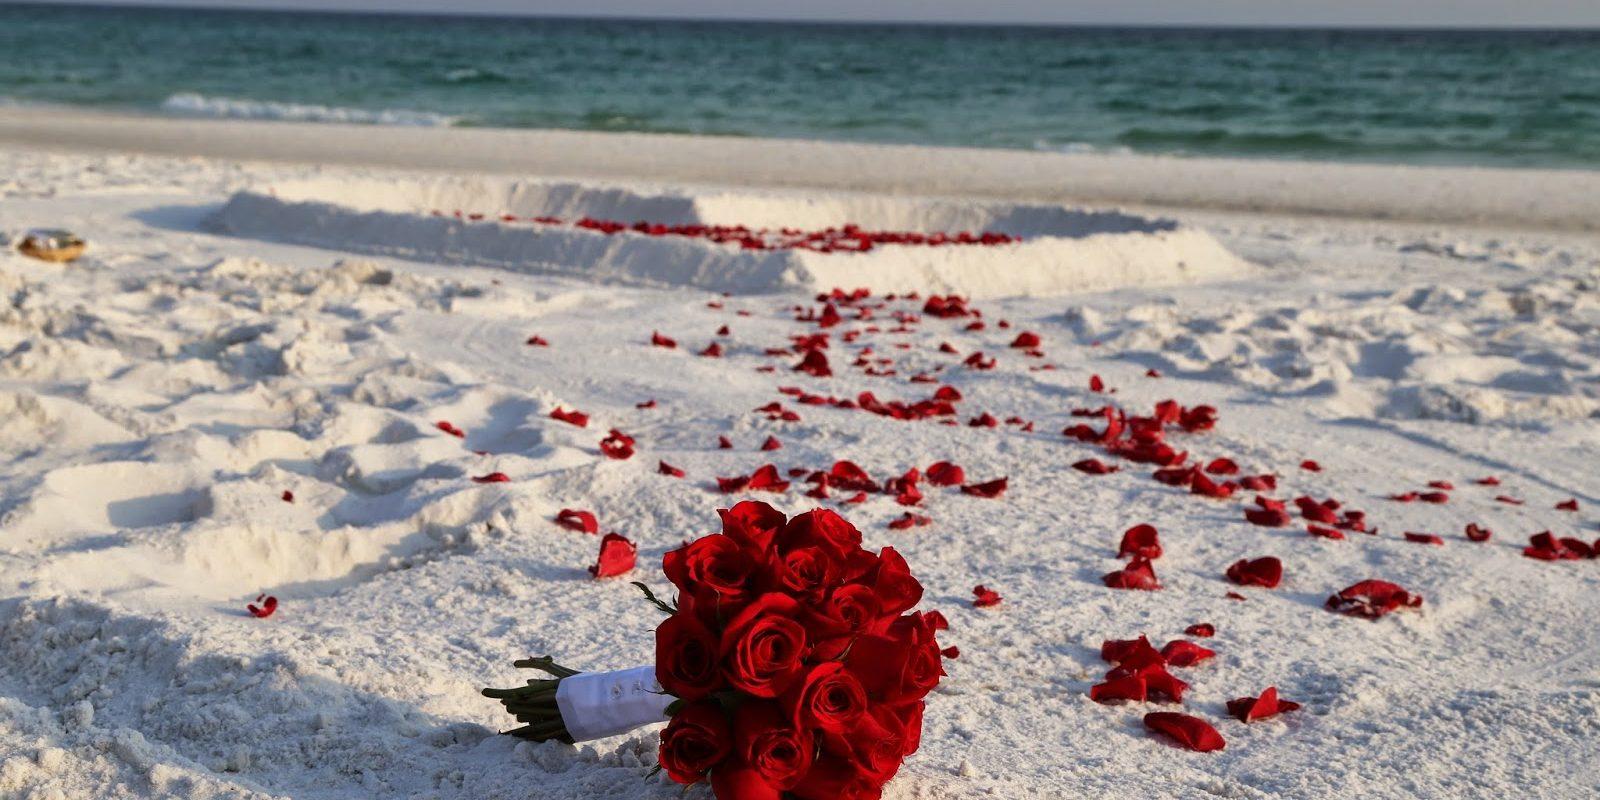 картинка роза сердце и песок кирпичные, есть